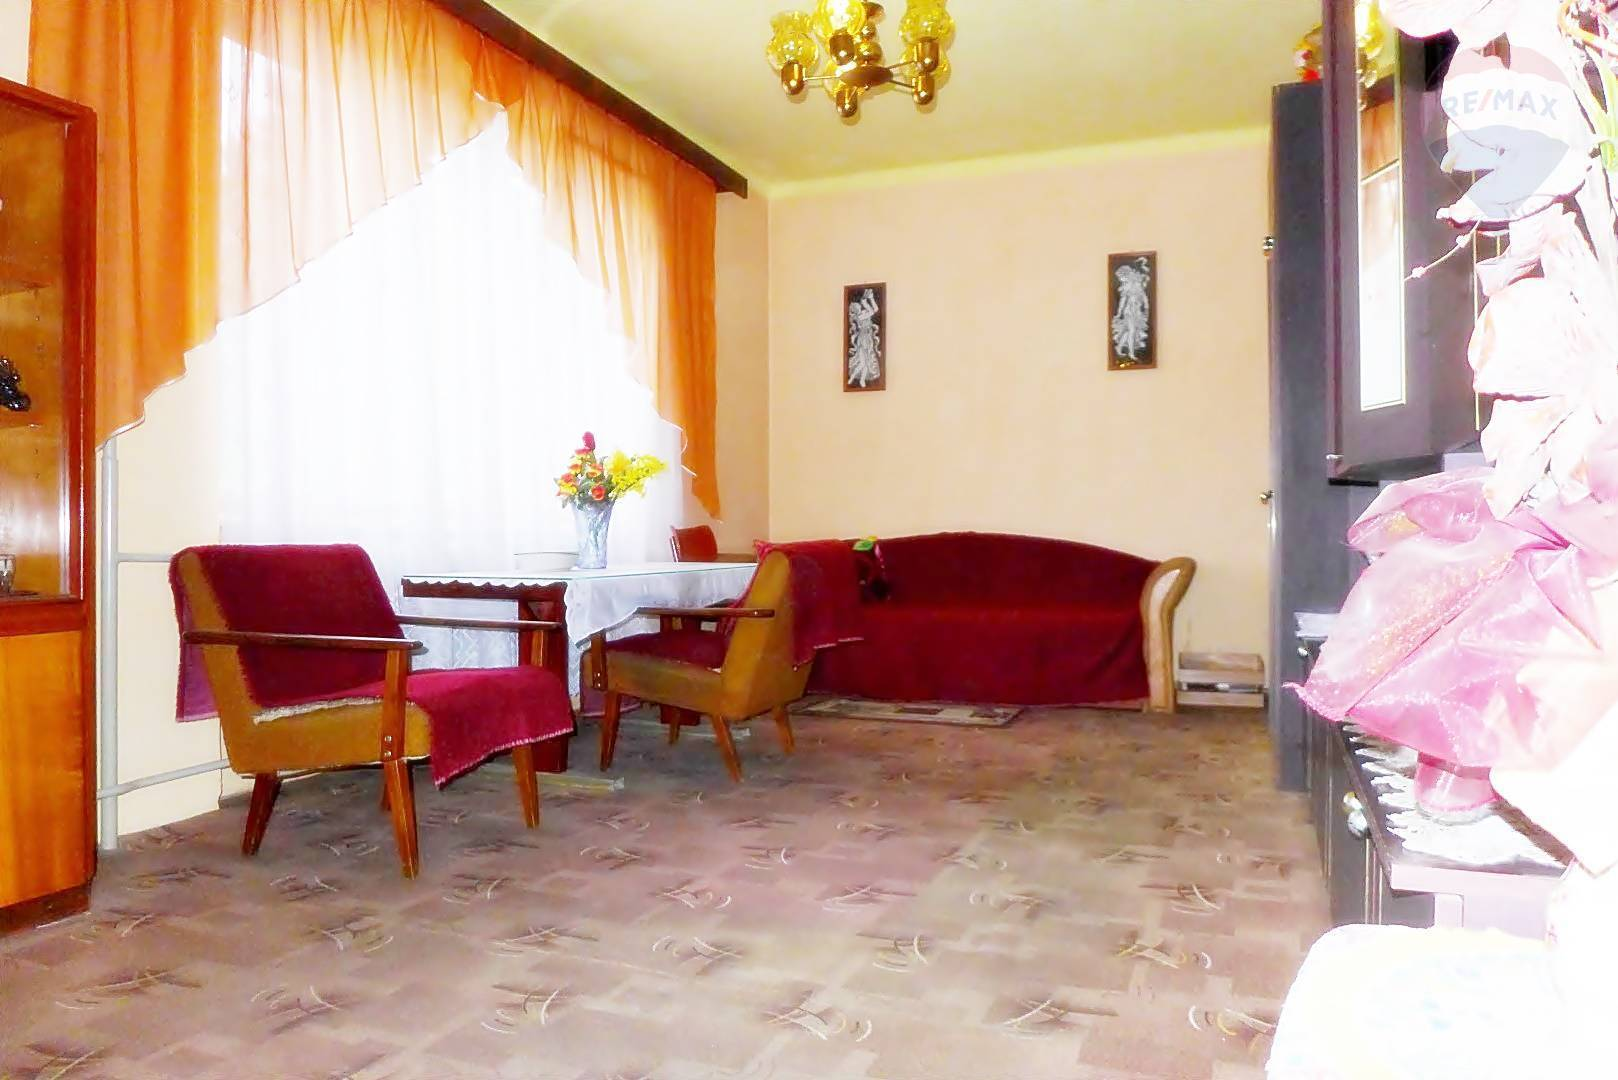 REZERVOVANÉ 2 izbový byt - 56m2 - pôvodný stav, ul. ČSA - Handlová okres PRIEVIDZA